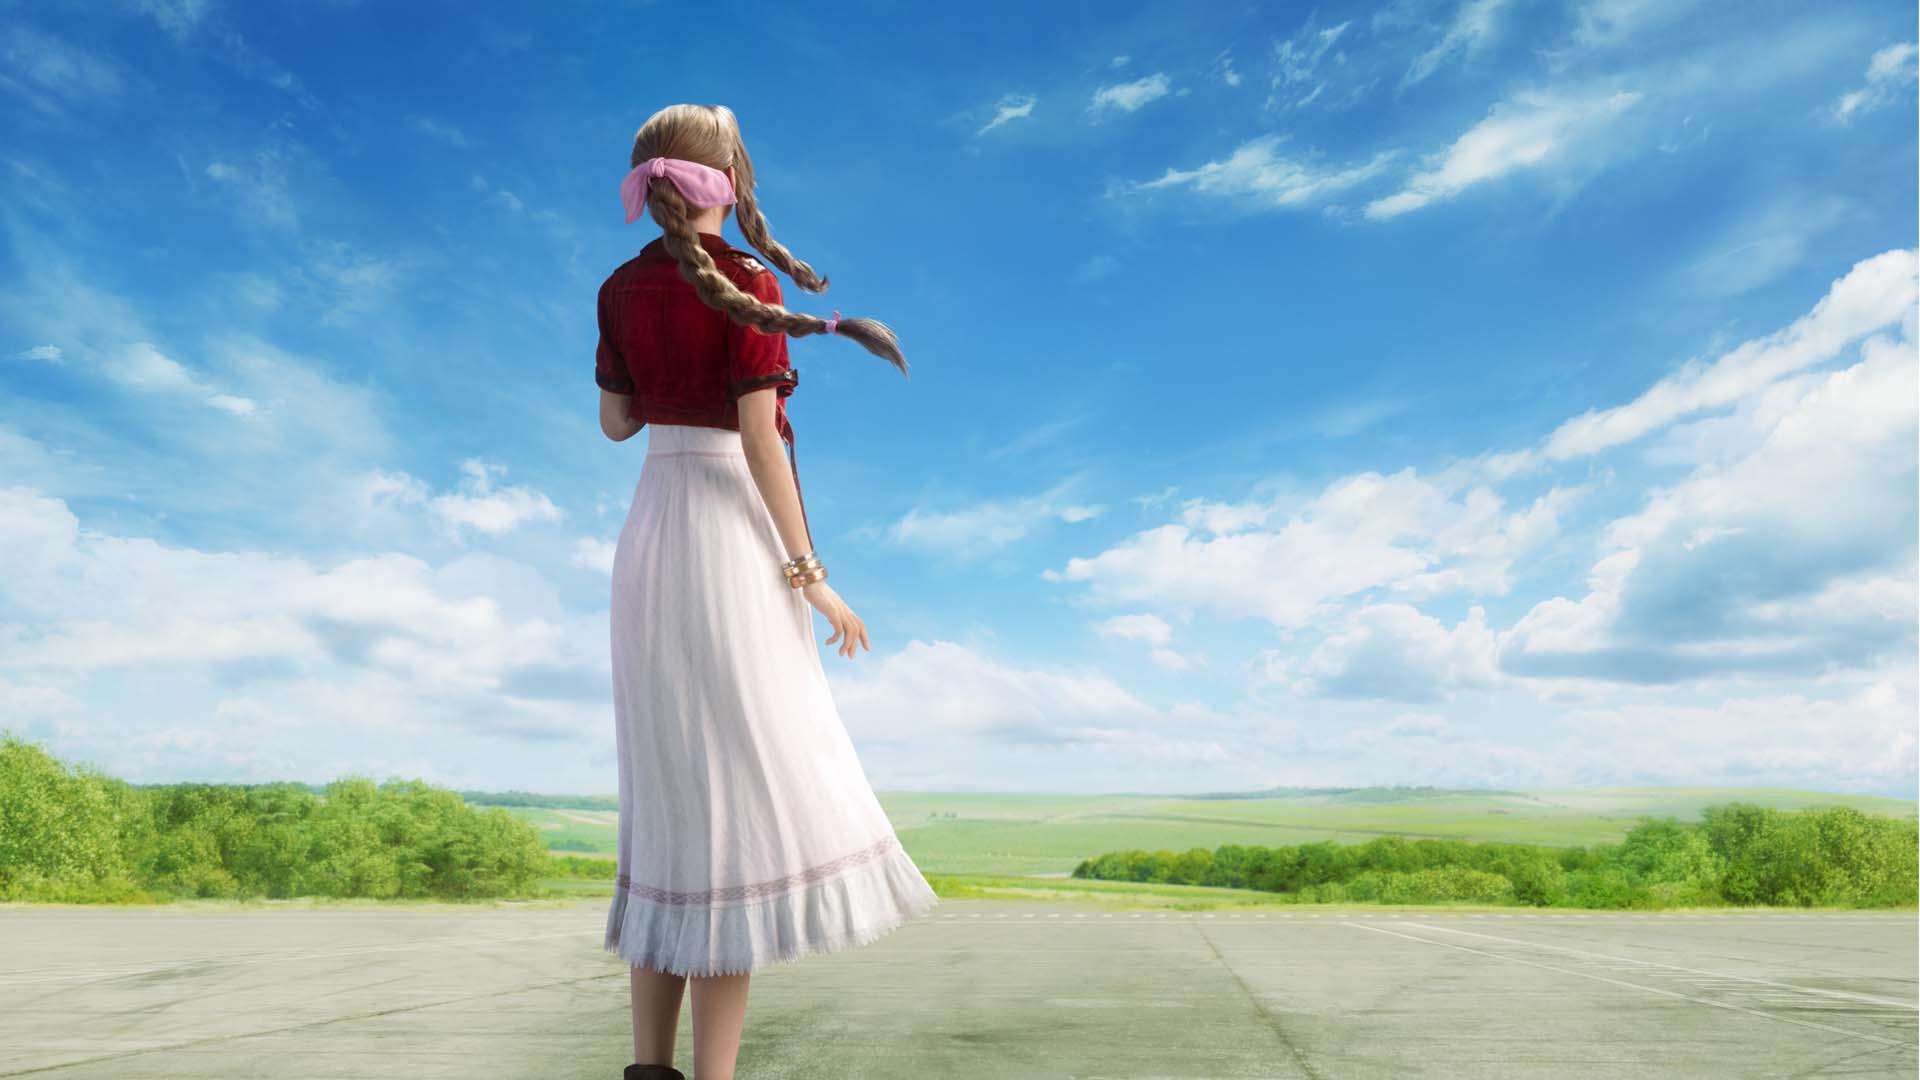 zrzut ekranu z final fantasy vii